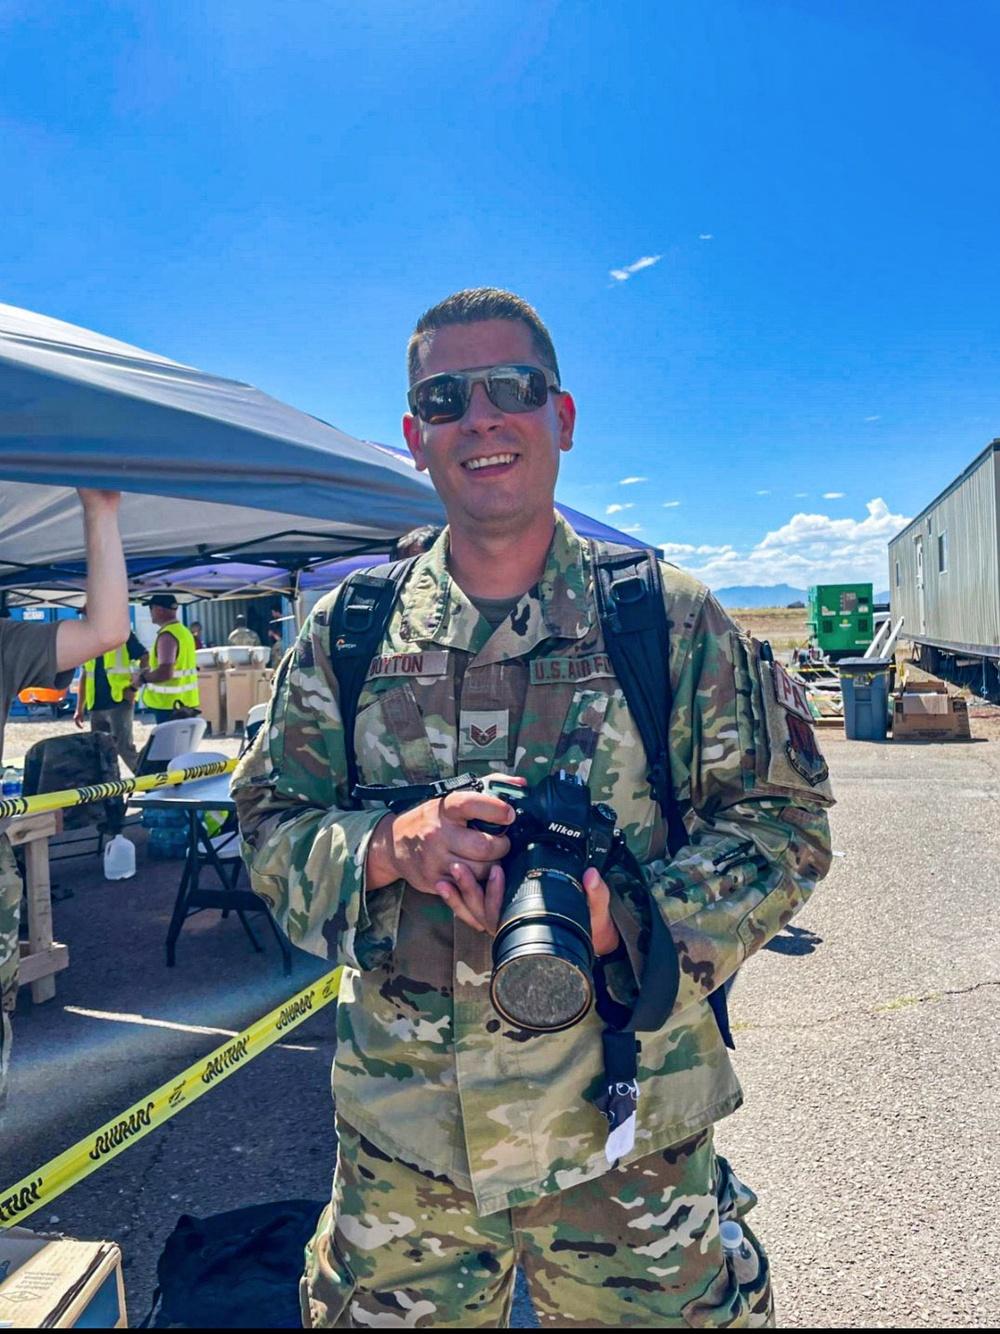 Behind the lens at Task Force-Holloman